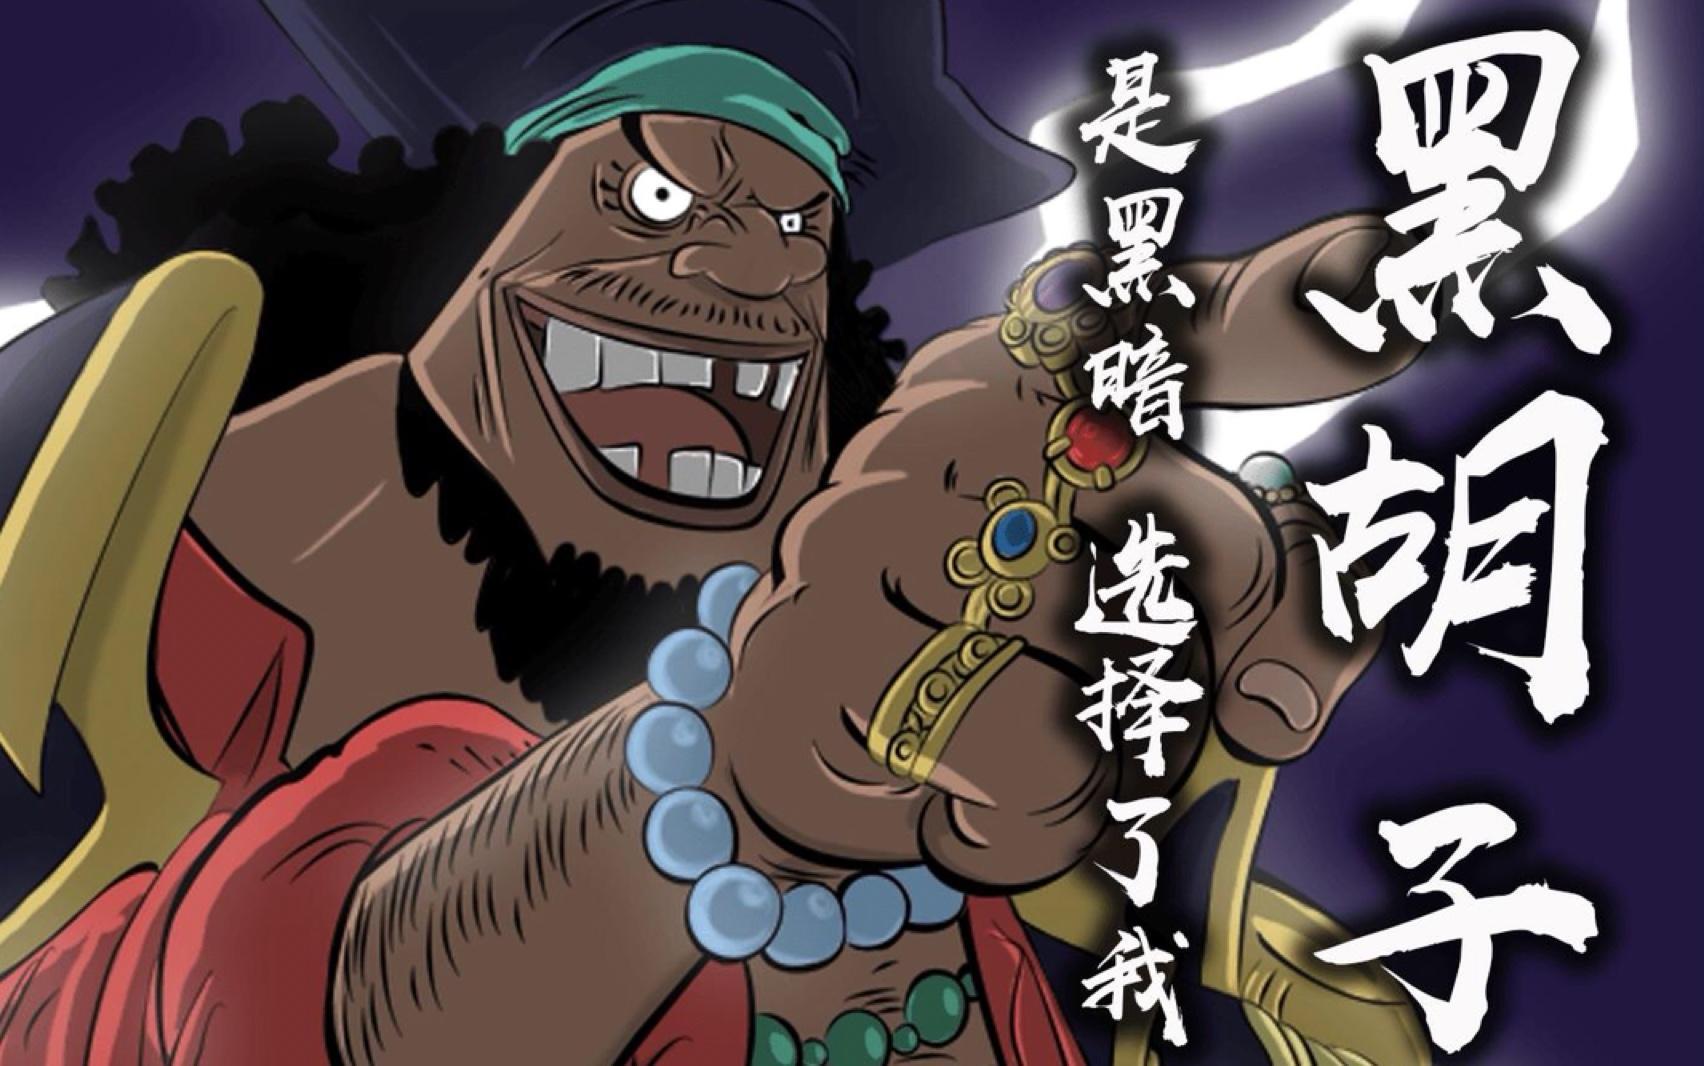 海賊王:D之一族出現的7種姓氏,能代表偉大王國的7大家族嗎?